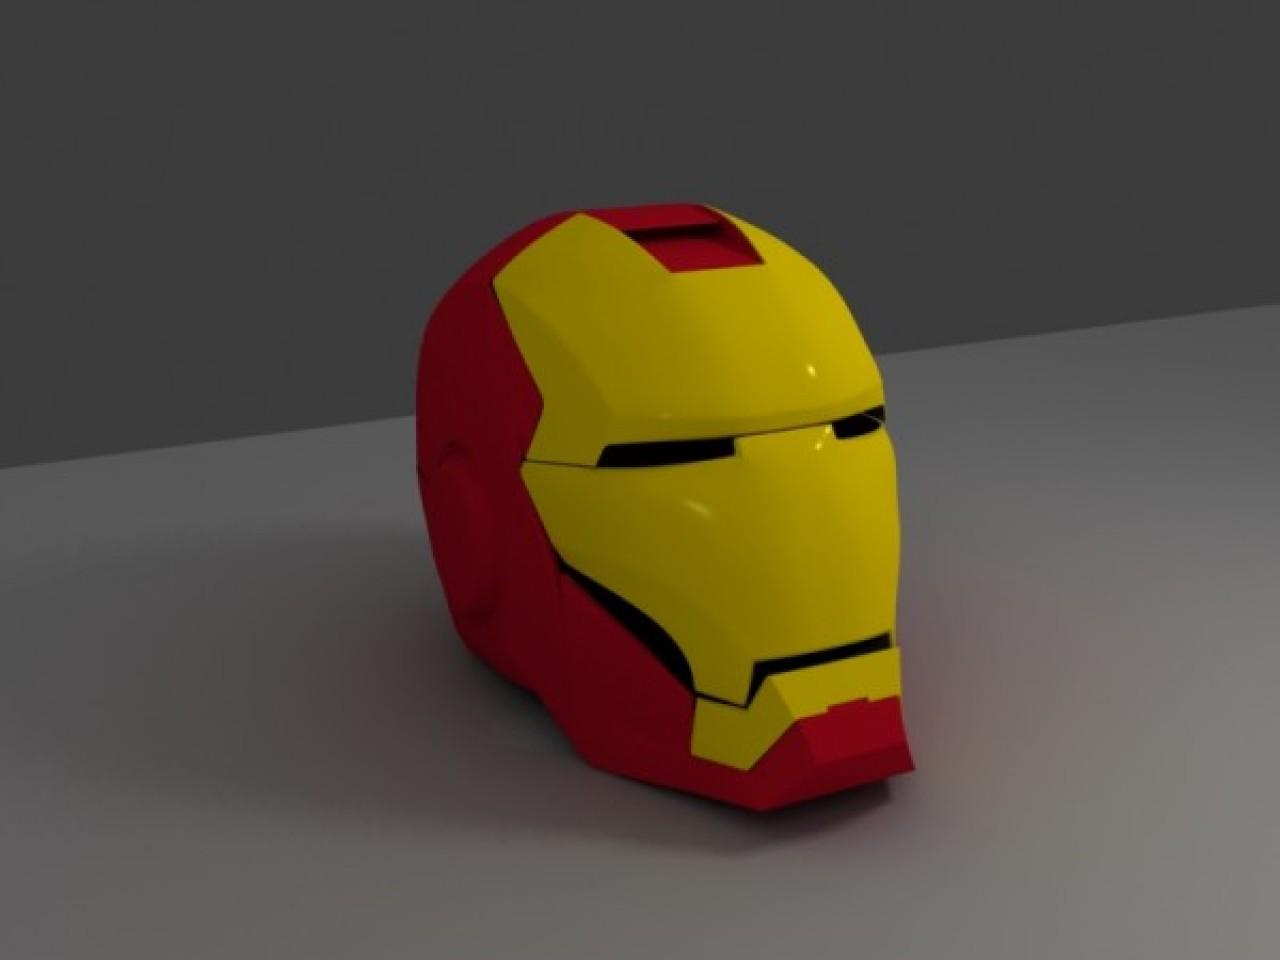 Железный человек схема шлема